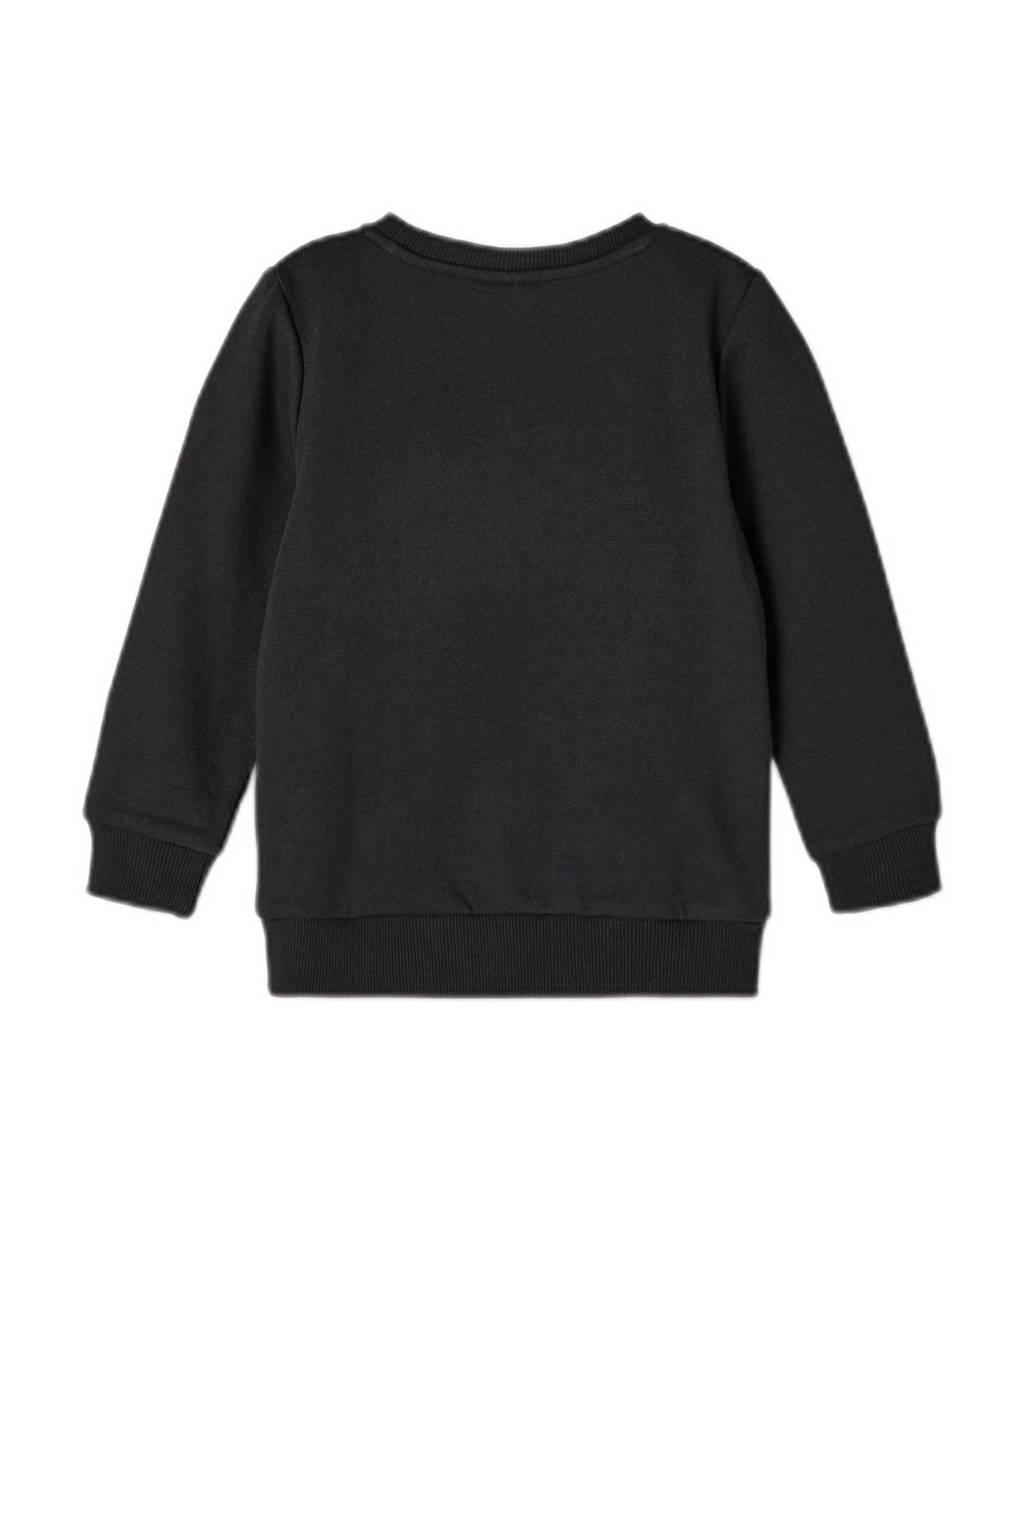 NAME IT MINI sweater NMMVIMO zwart, Zwart